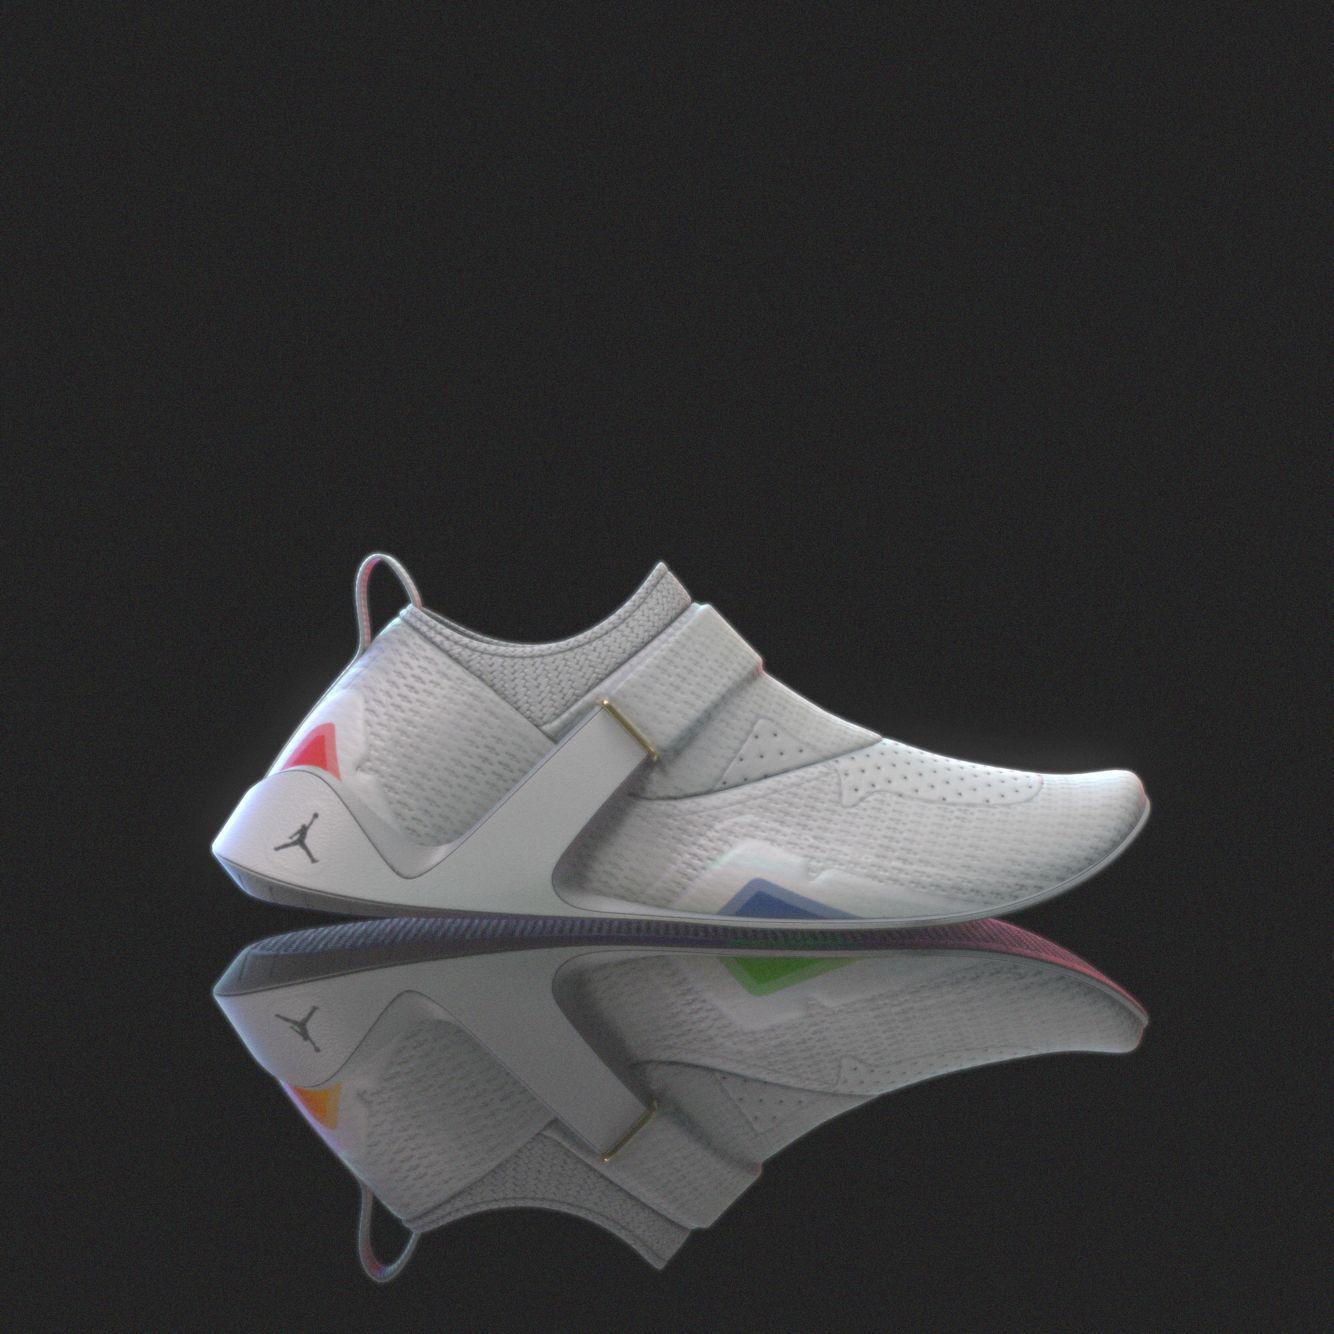 Laceless Jordan trainers | Sneakers